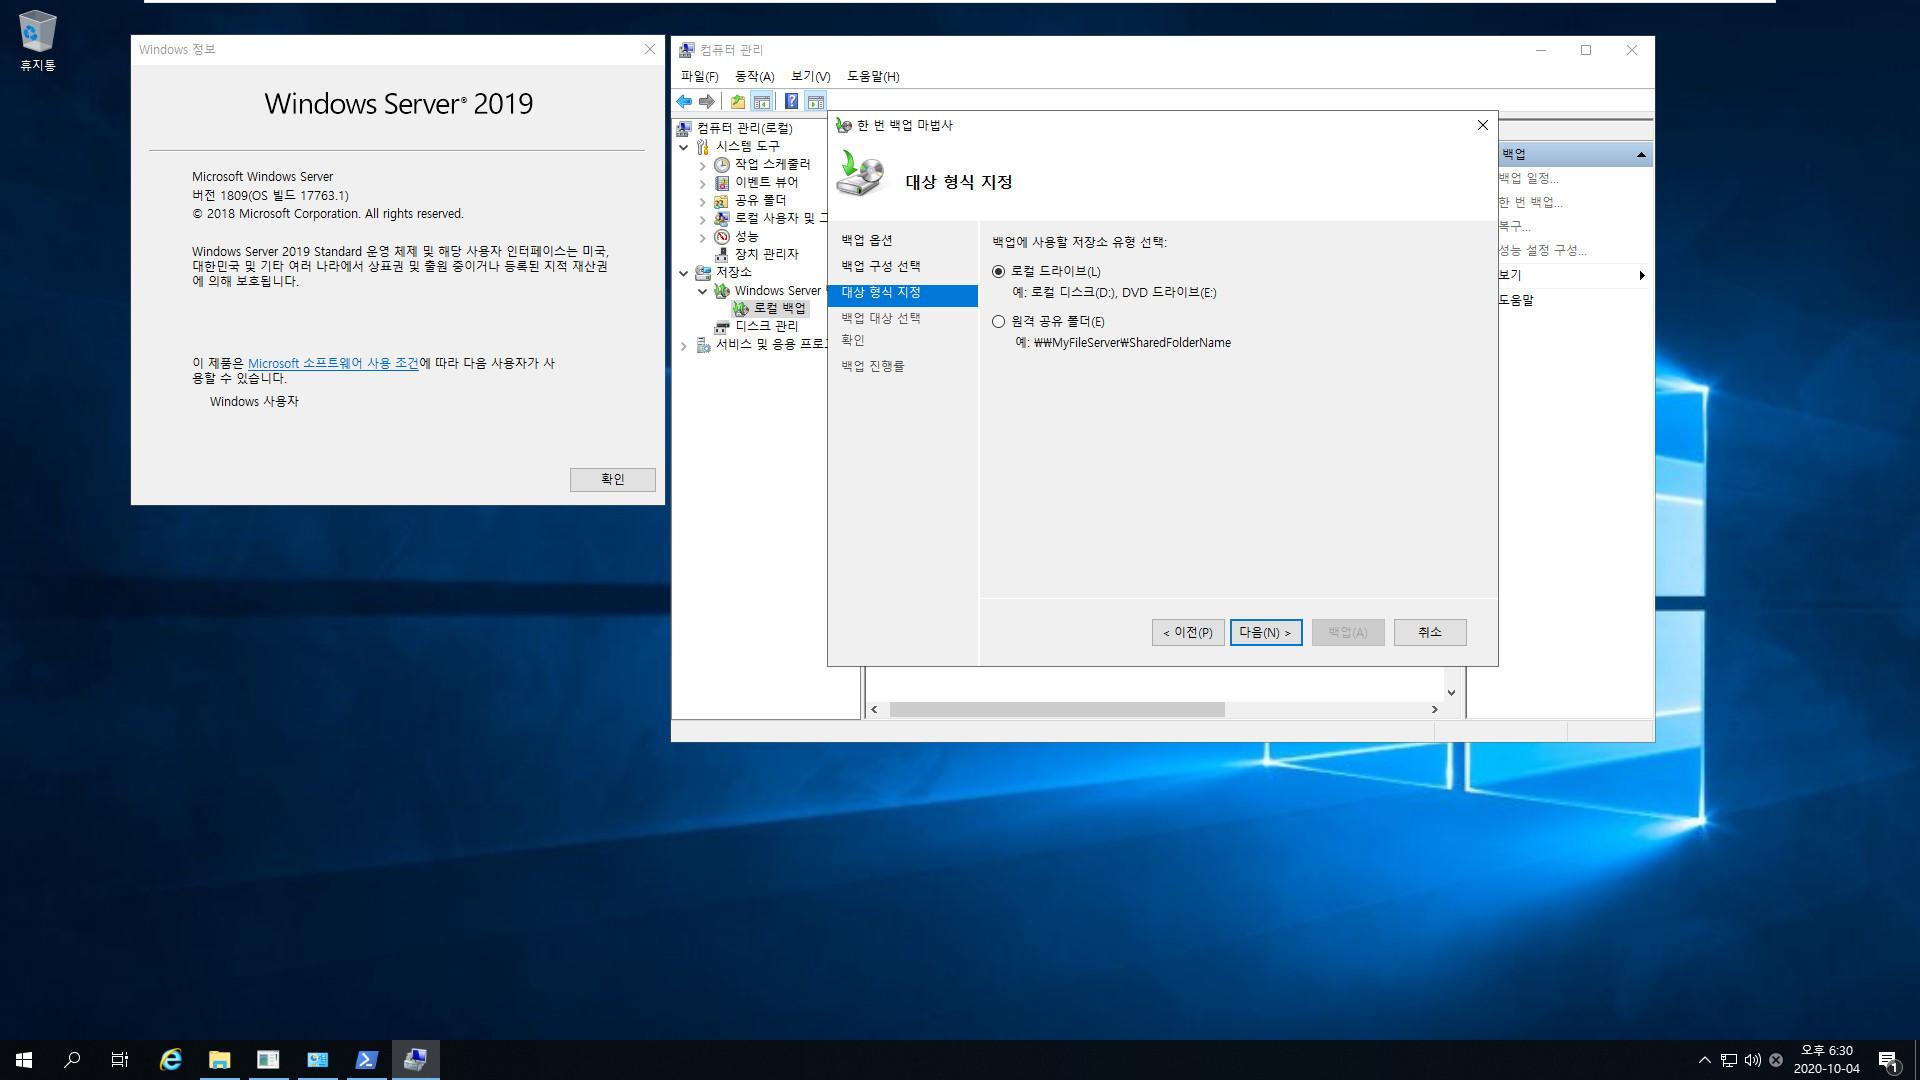 윈도우 서버군은 윈도우 사용중에도 자체 WBadmin 명령으로 윈도우 복구를 합니다 - Windows Server 2019로 복구 테스트 2020-10-04_183012.jpg